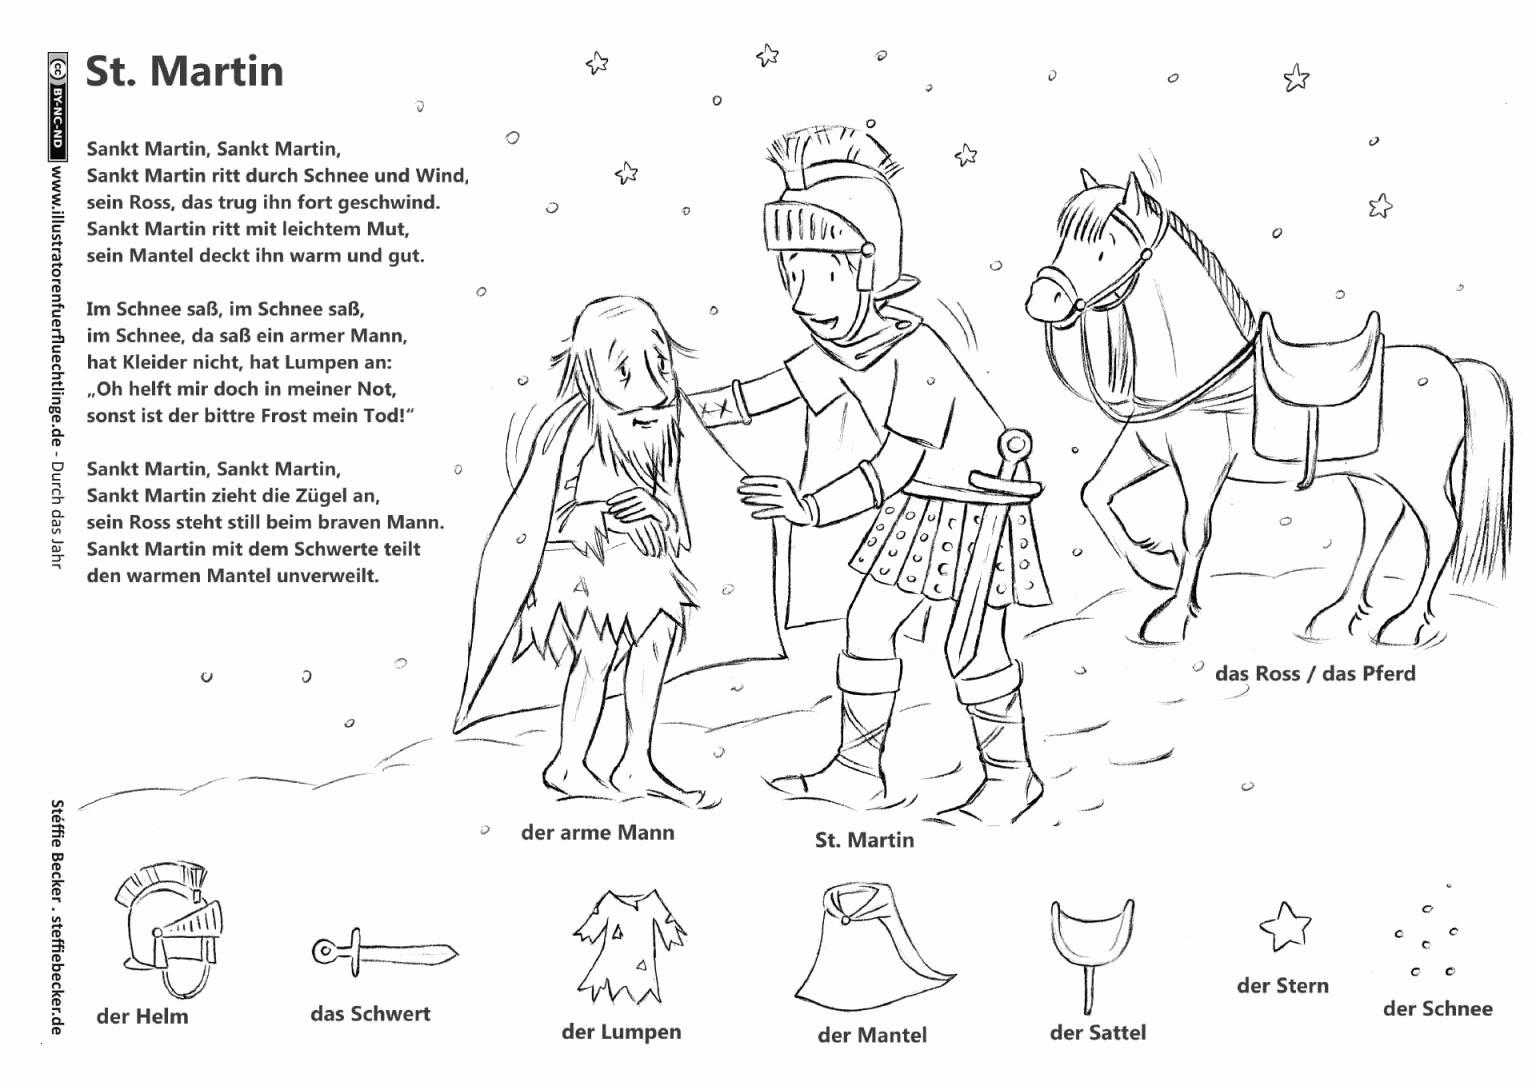 Ausmalbild Anna Und Elsa Inspirierend Elsa Zum Ausmalen Frais Bayern Ausmalbilder Schön Igel Grundschule Bilder